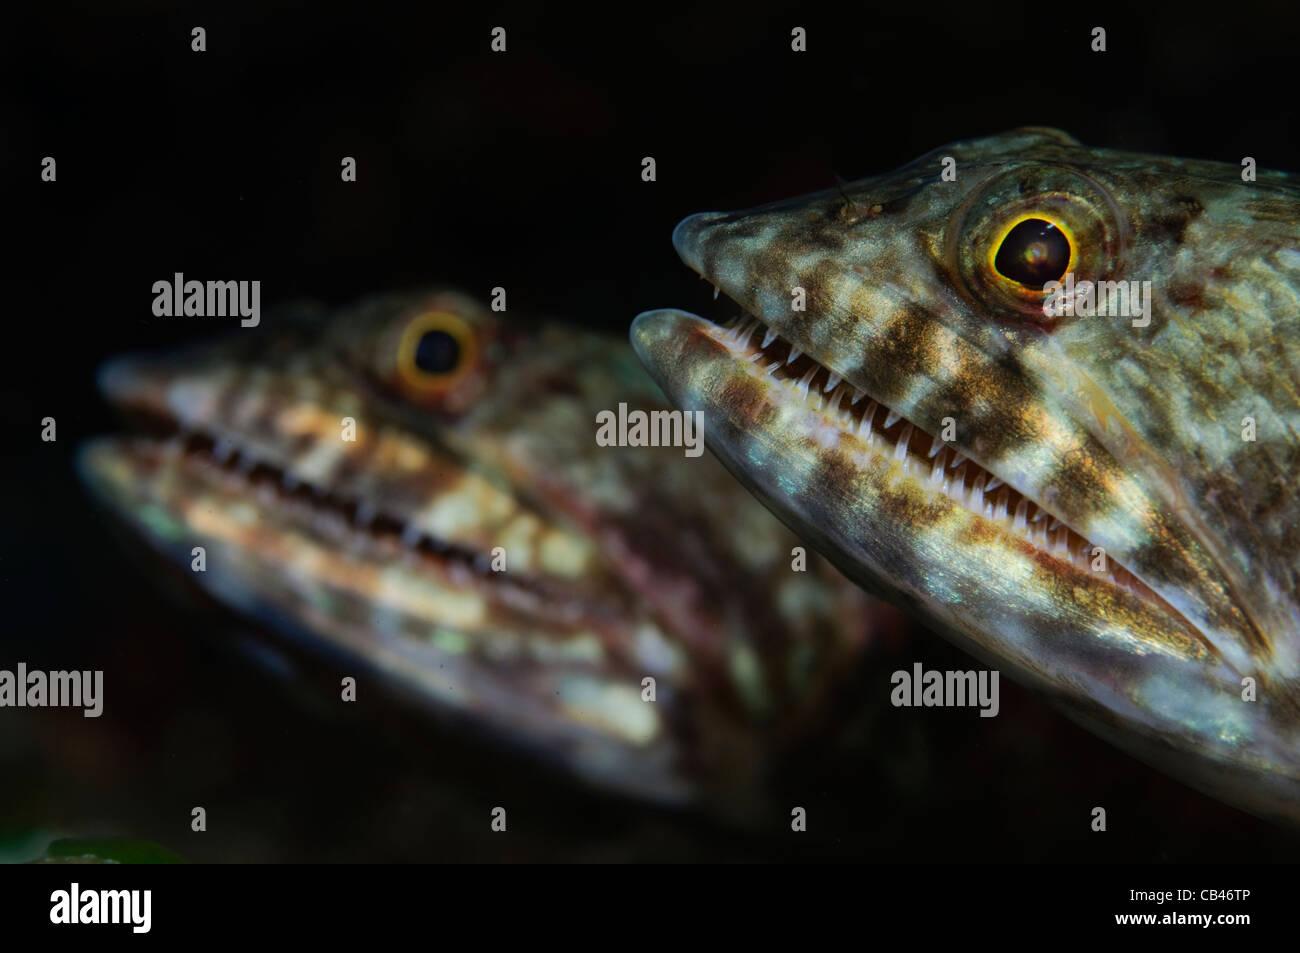 Coppia di Lizardfish, Saurida sp., Banda Neira, Banda Mare, Indonesia Orientale, Oceano Pacifico Immagini Stock